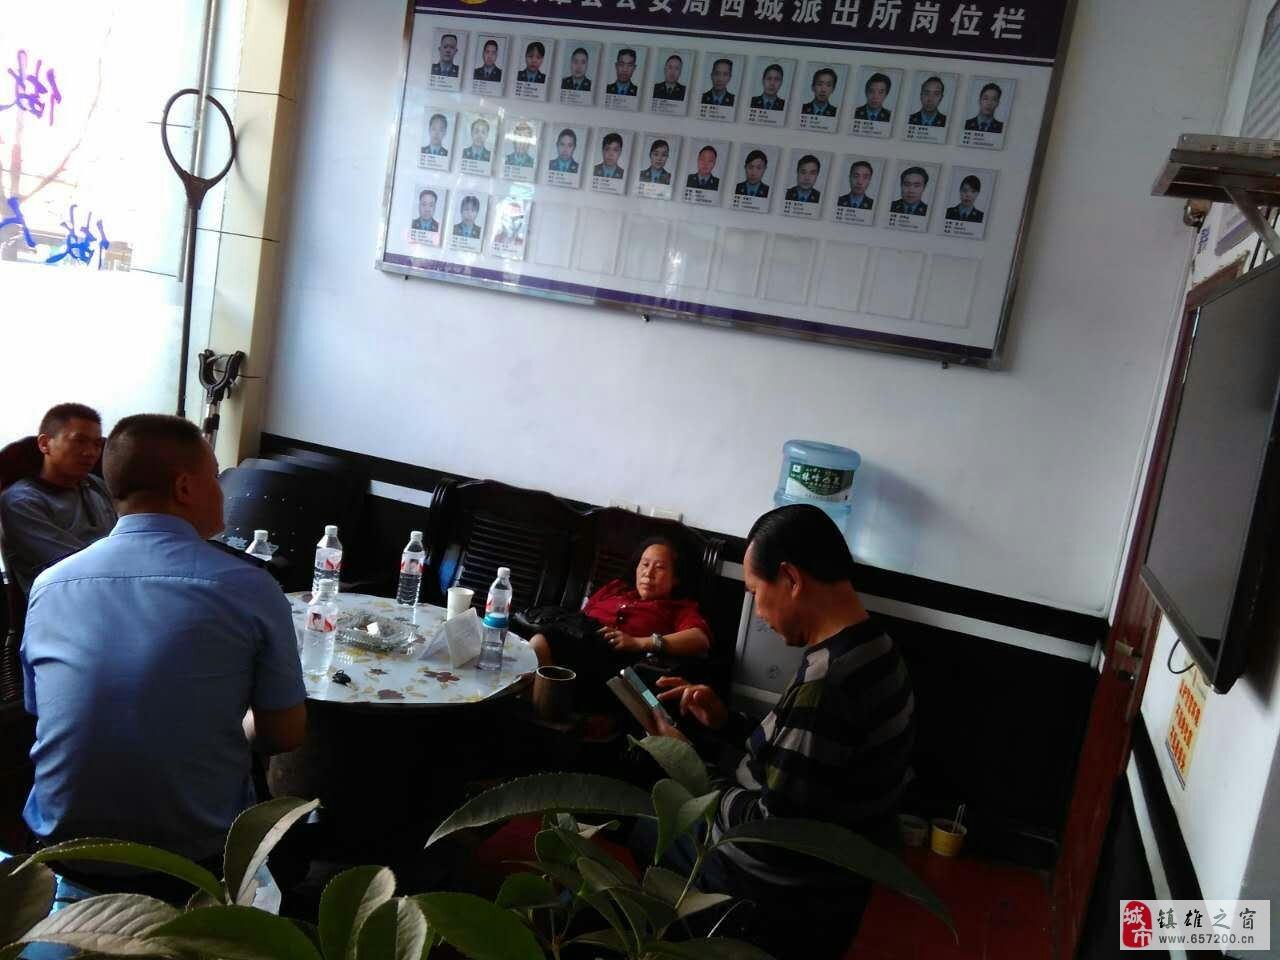 ????关于云南省镇雄县公安局行政不作为非法拘禁的控告